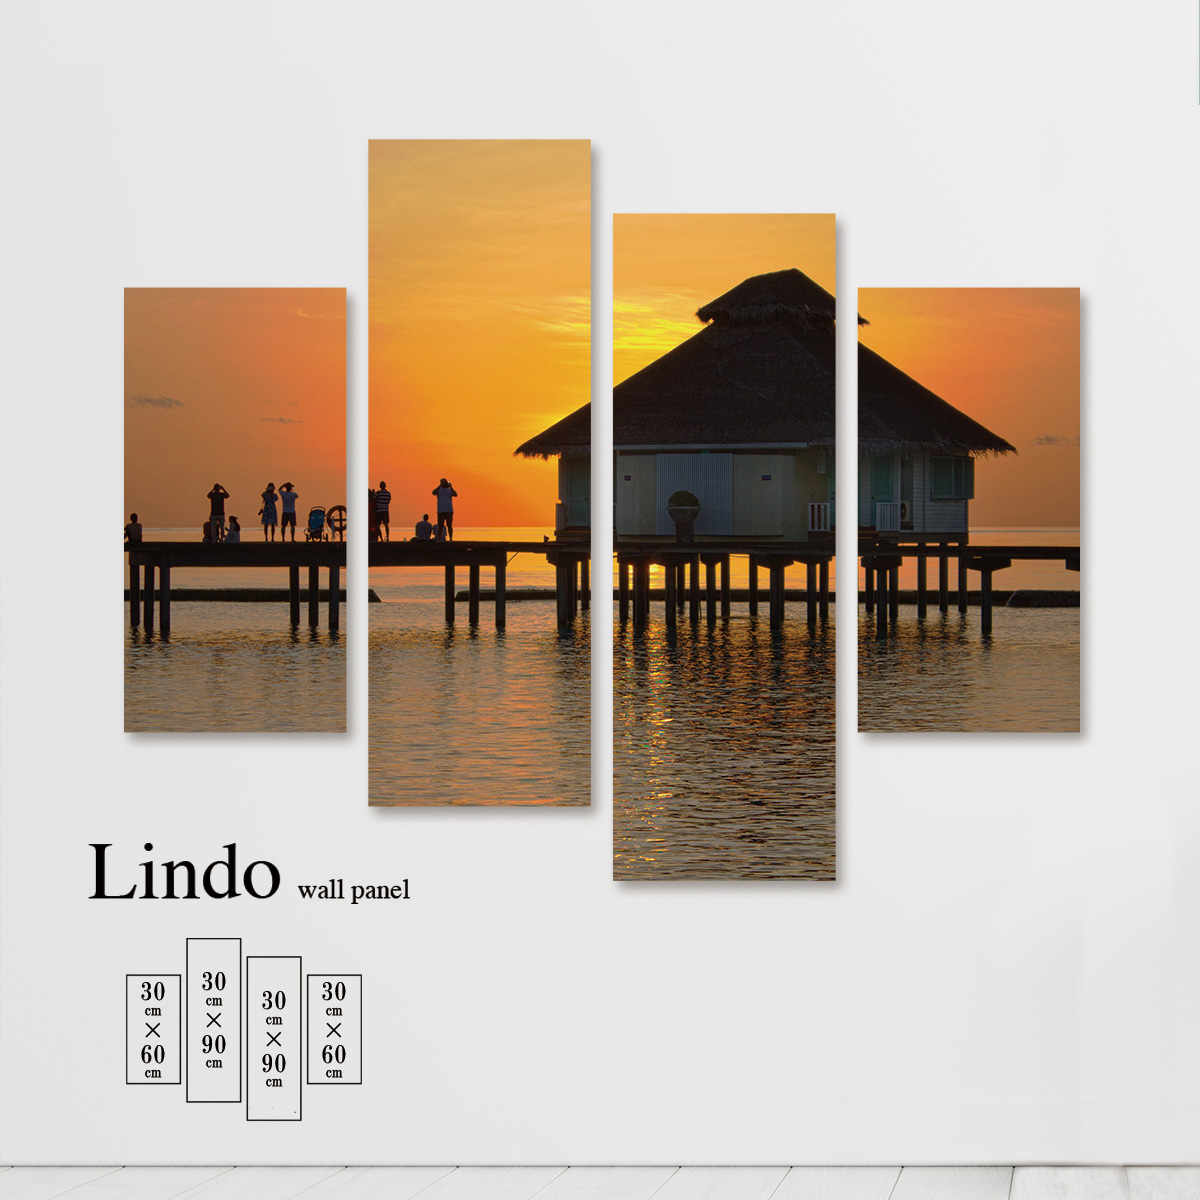 ファブリックパネル 海 海面 海岸 浜辺 ビーチ 風景 景色 夕日 夕焼け 壁掛け 北欧 お洒落 デザイン アート 壁飾り アートボード 4枚パネル